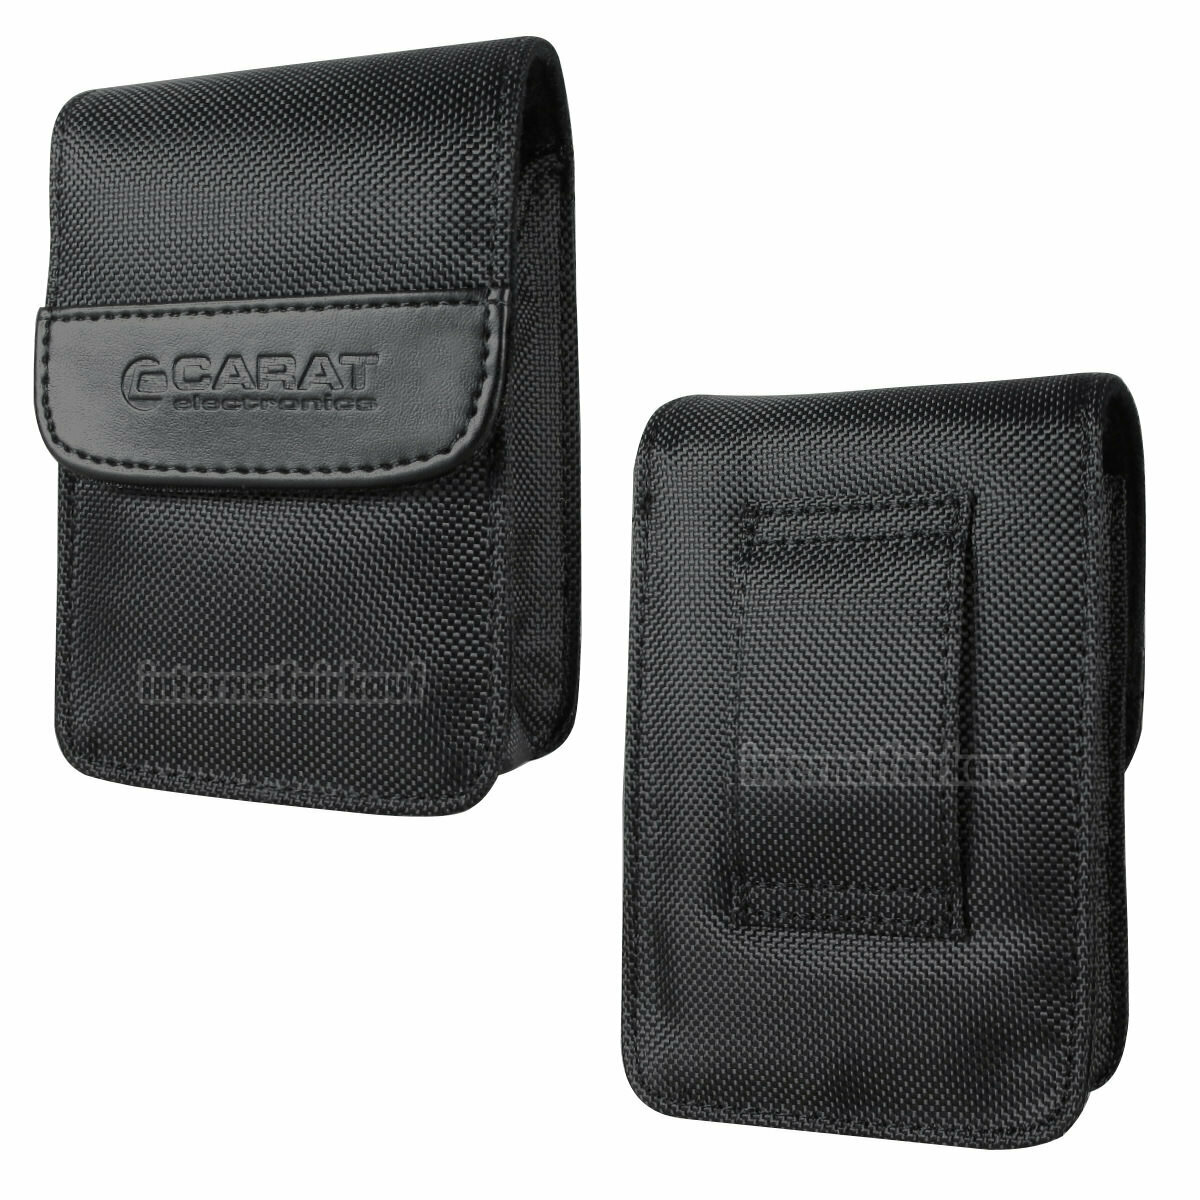 Tasche Kameratasche passend für Nikon Coolpix S9600 S9700 - Etui